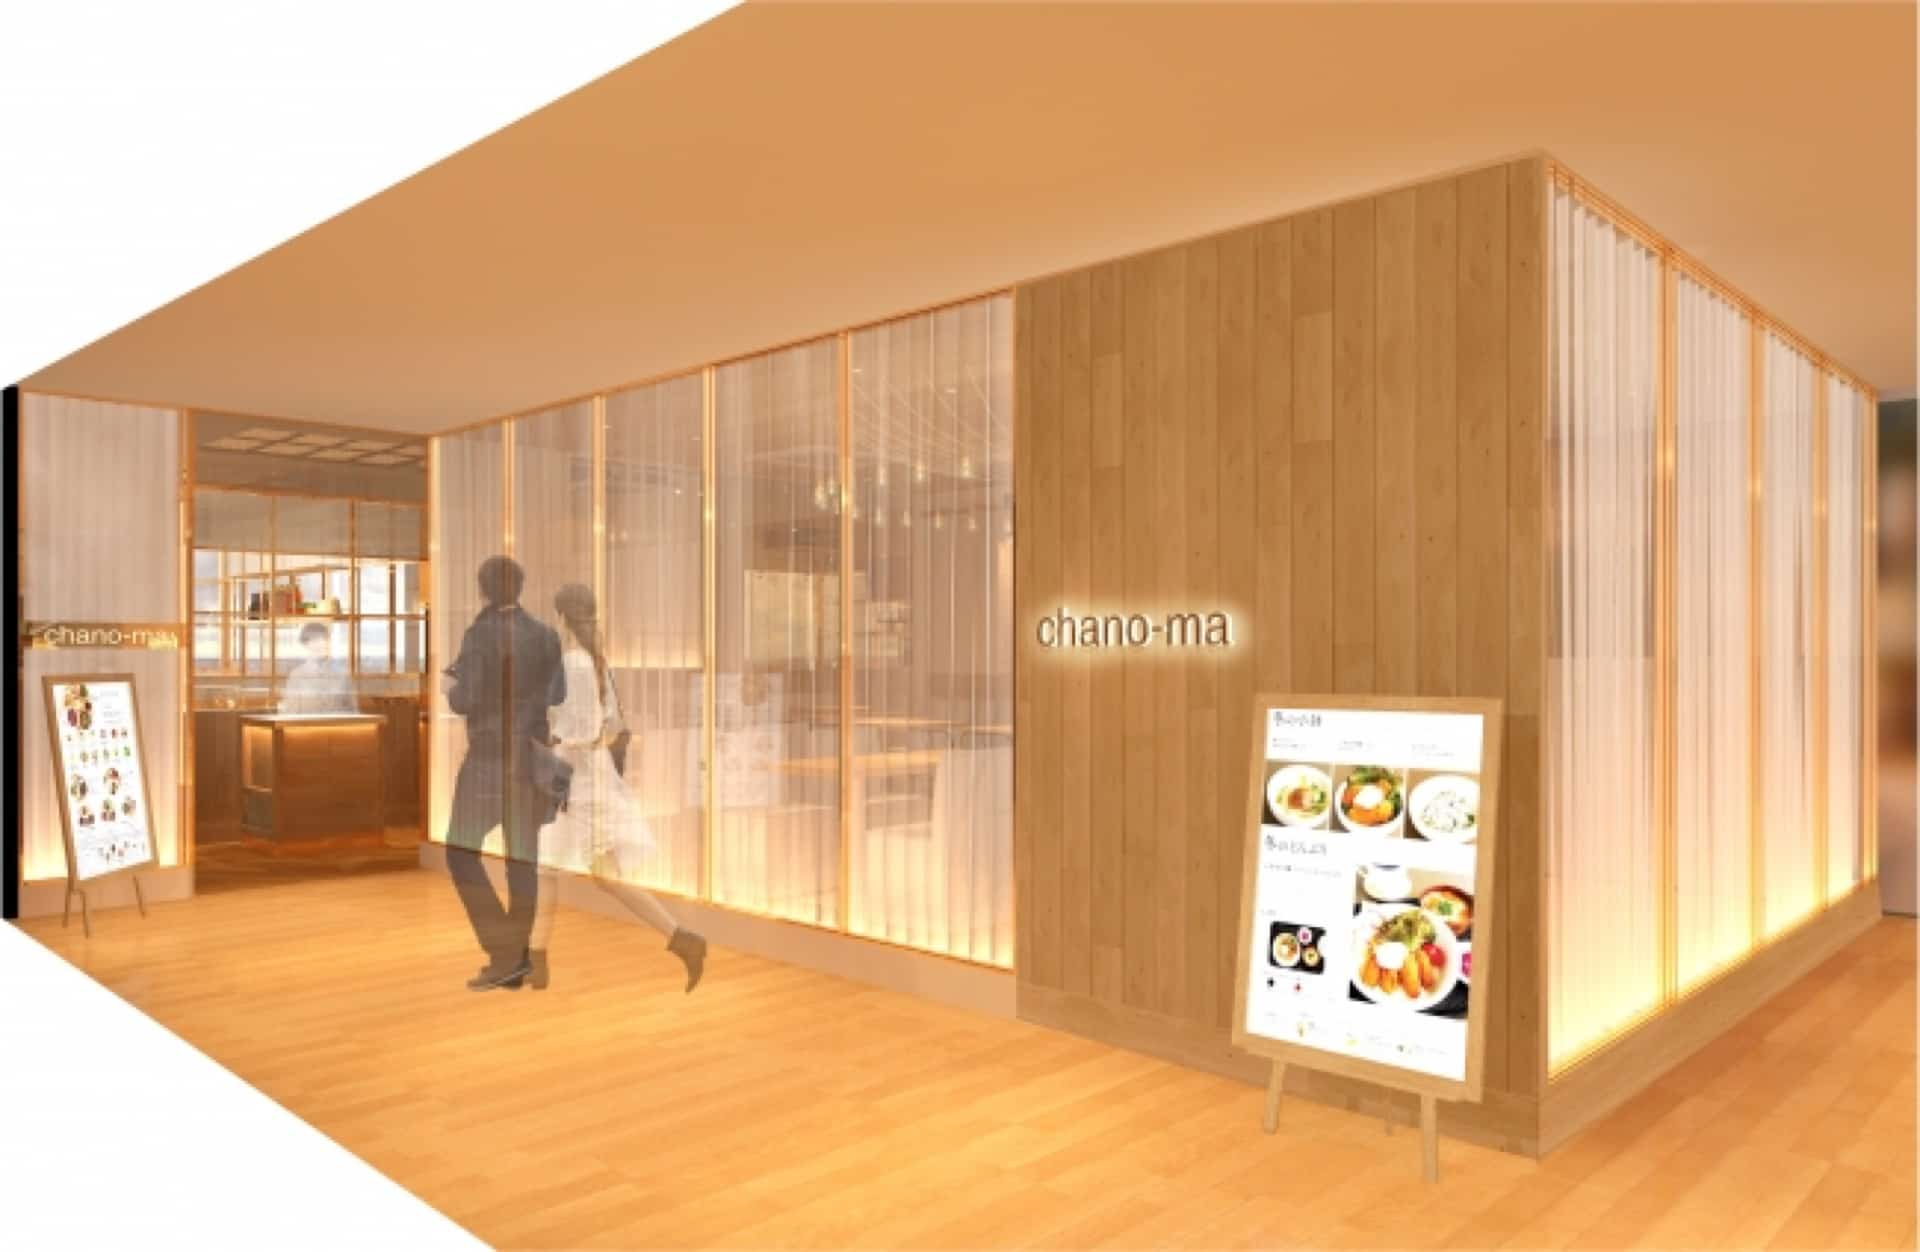 和カフェ「chano-ma」が神戸エリアに初出店!クレフィ三宮に5月29日オープン